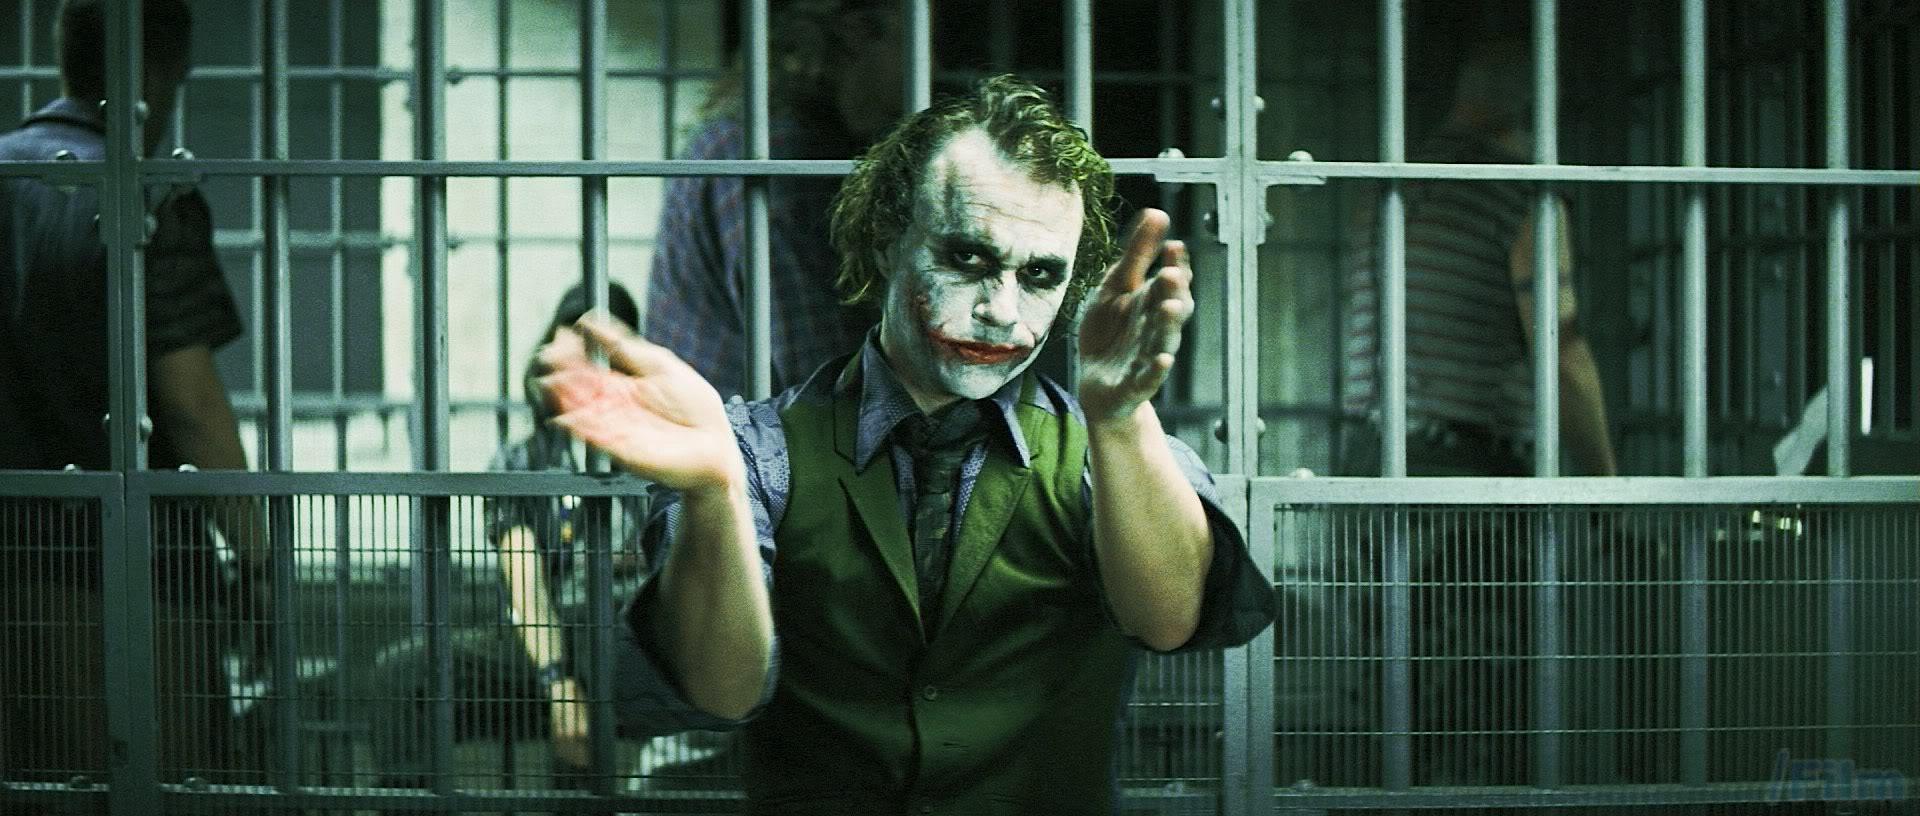 joker-clapping